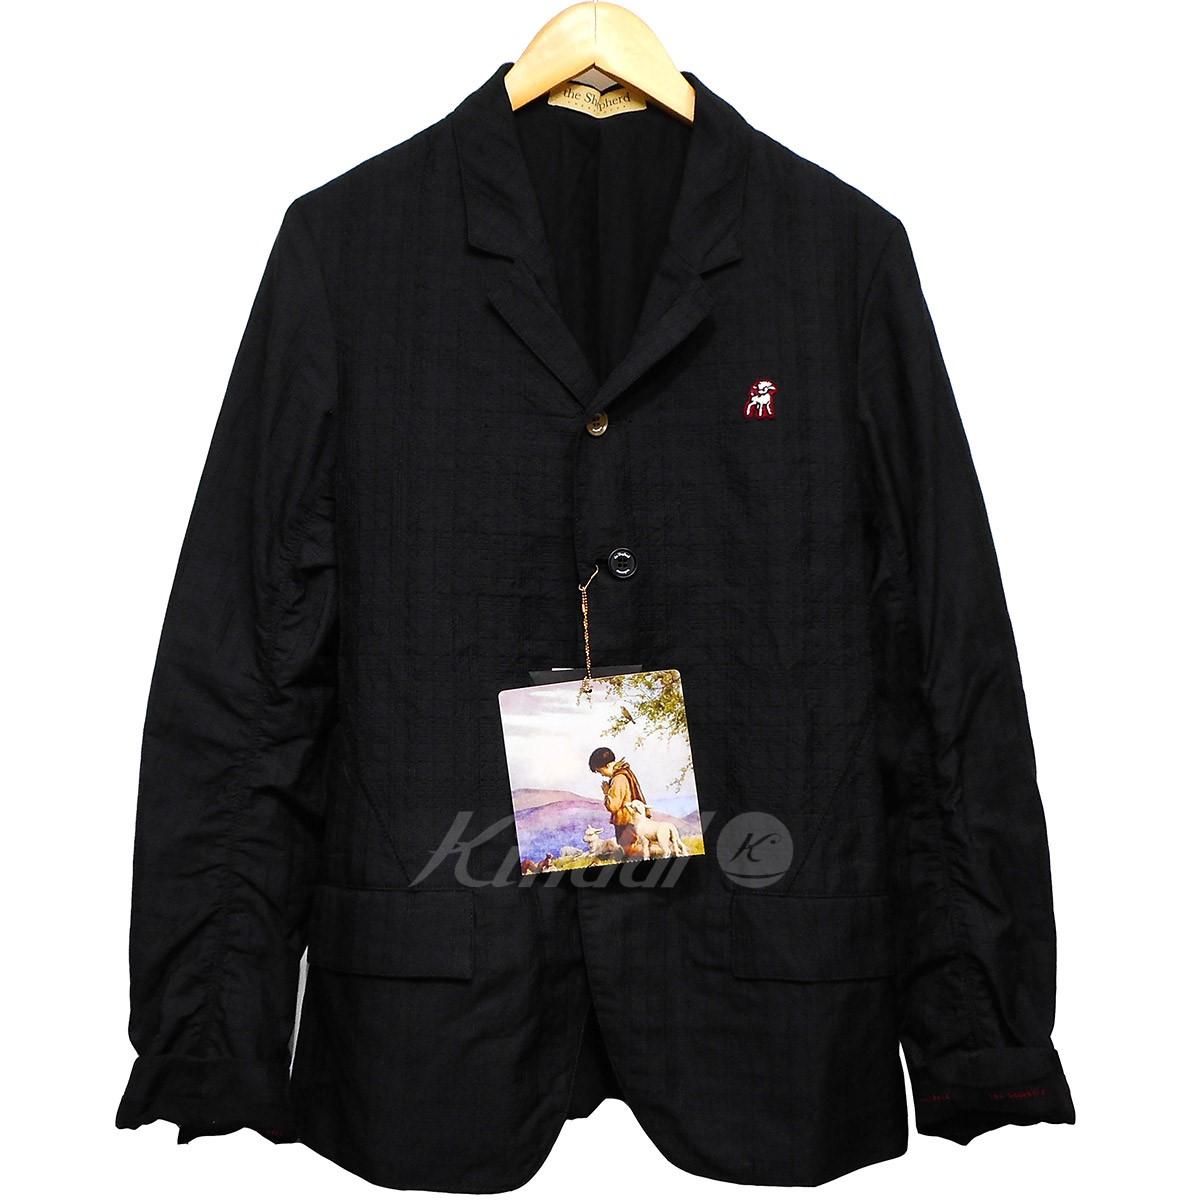 【中古】the Shepherd undercover 17SS ワンポイントパッカブルジャケット 【送料無料】 【006615】 【KIND1550】